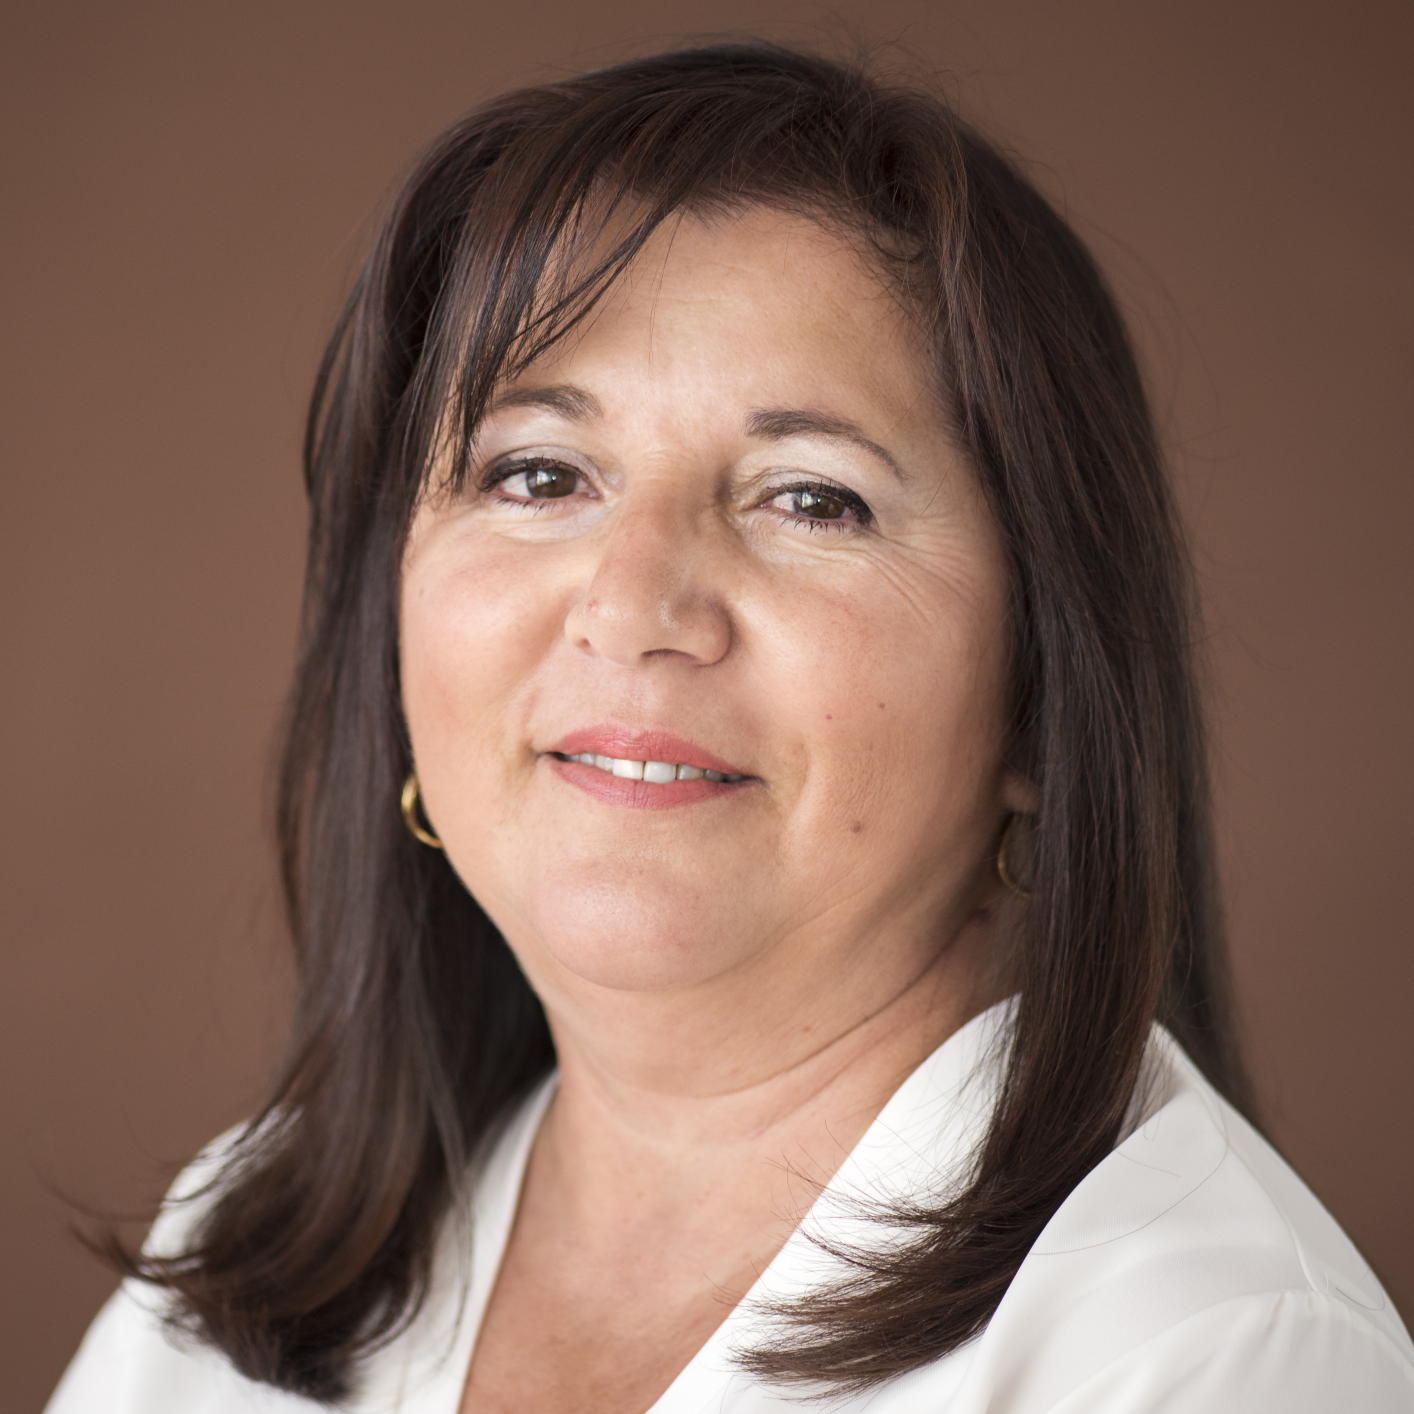 Lourdes Madera